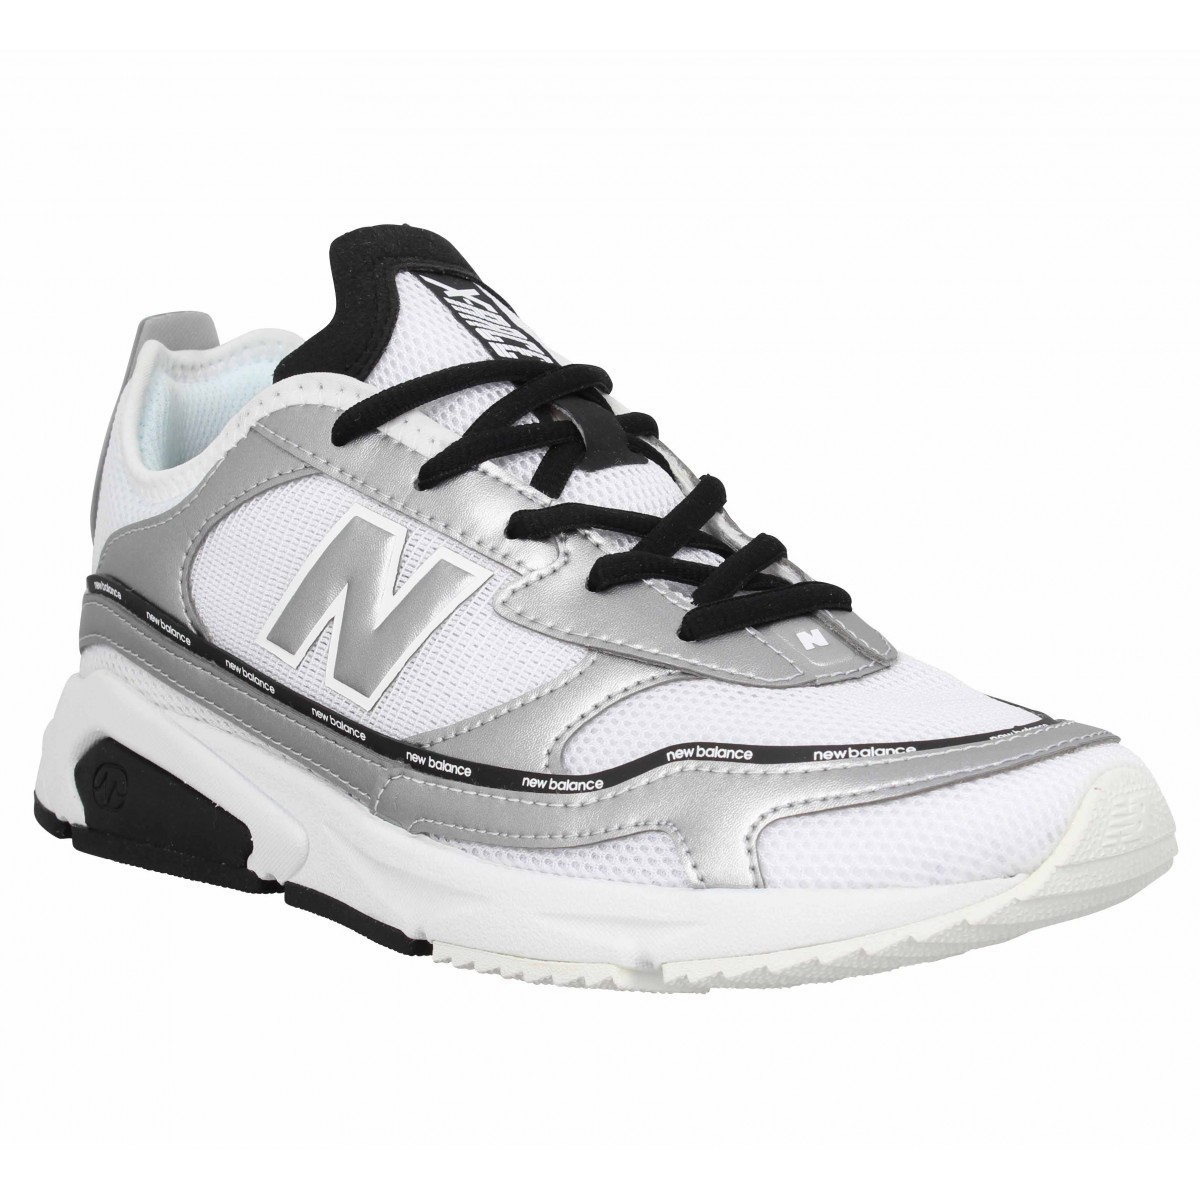 regarder 3c34e b218a New balance chaussures pour femme - Vente en ligne